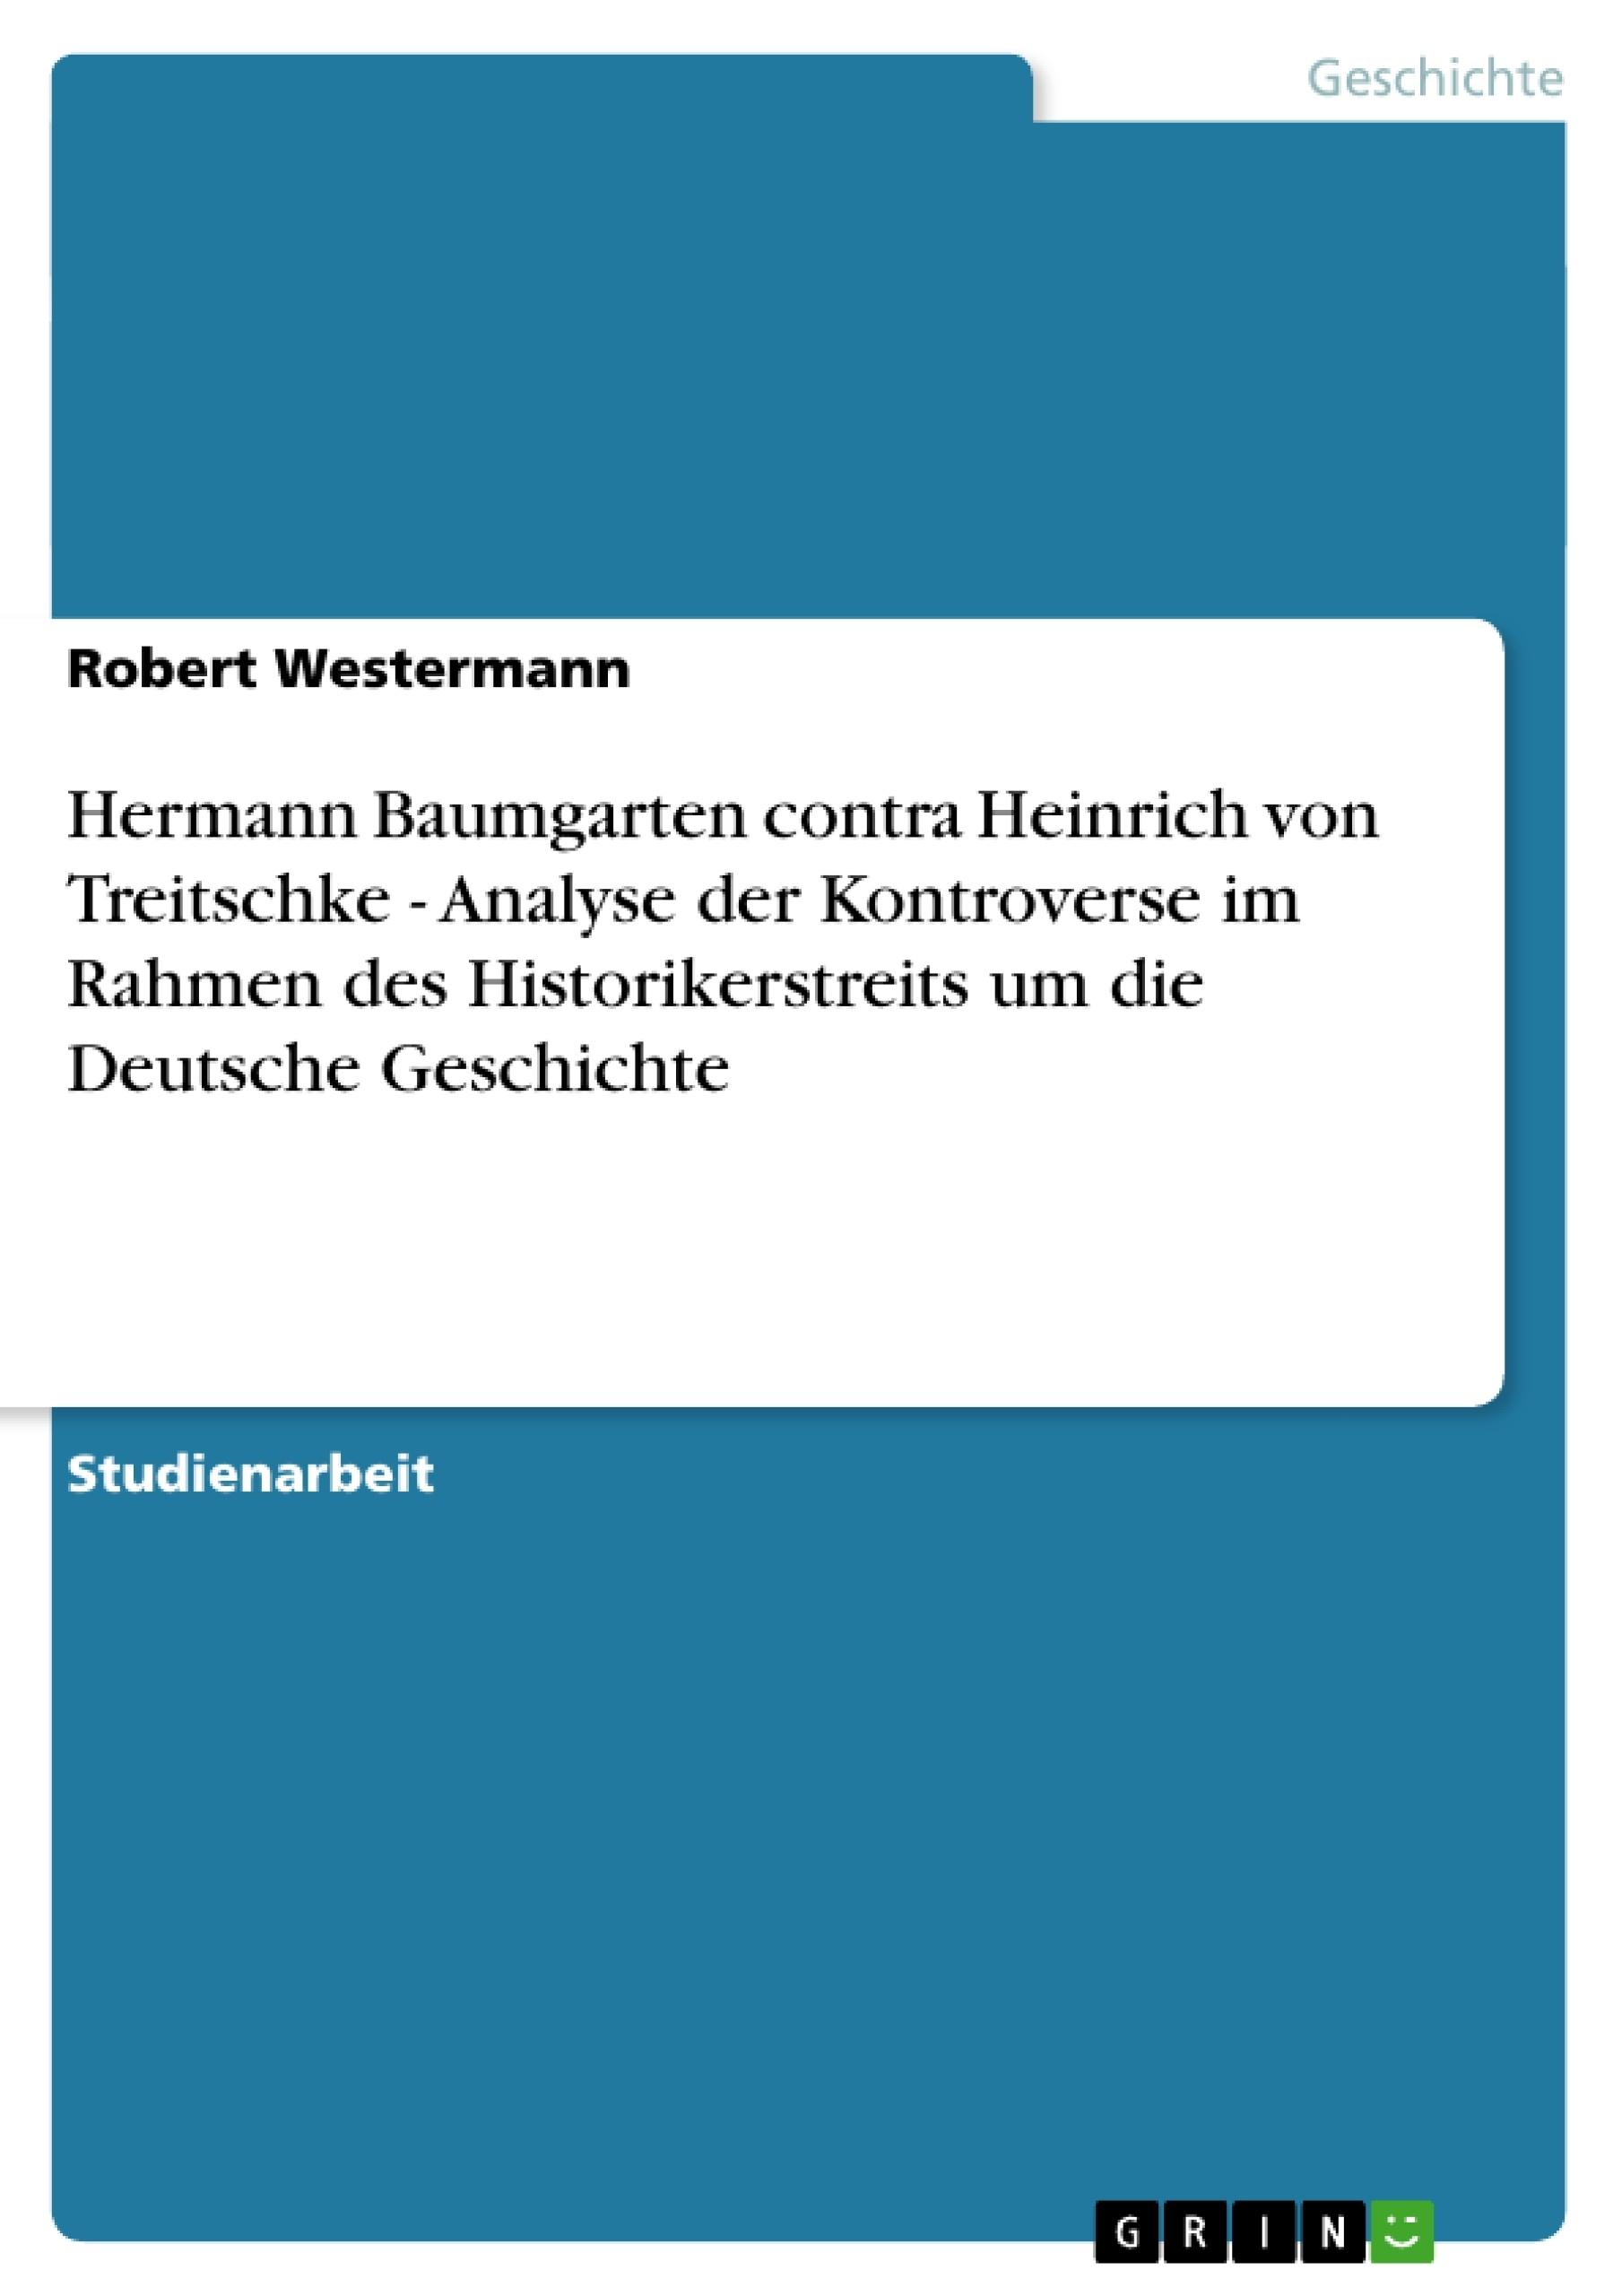 Titel: Hermann Baumgarten contra Heinrich von Treitschke - Analyse der Kontroverse im Rahmen des Historikerstreits um die Deutsche Geschichte